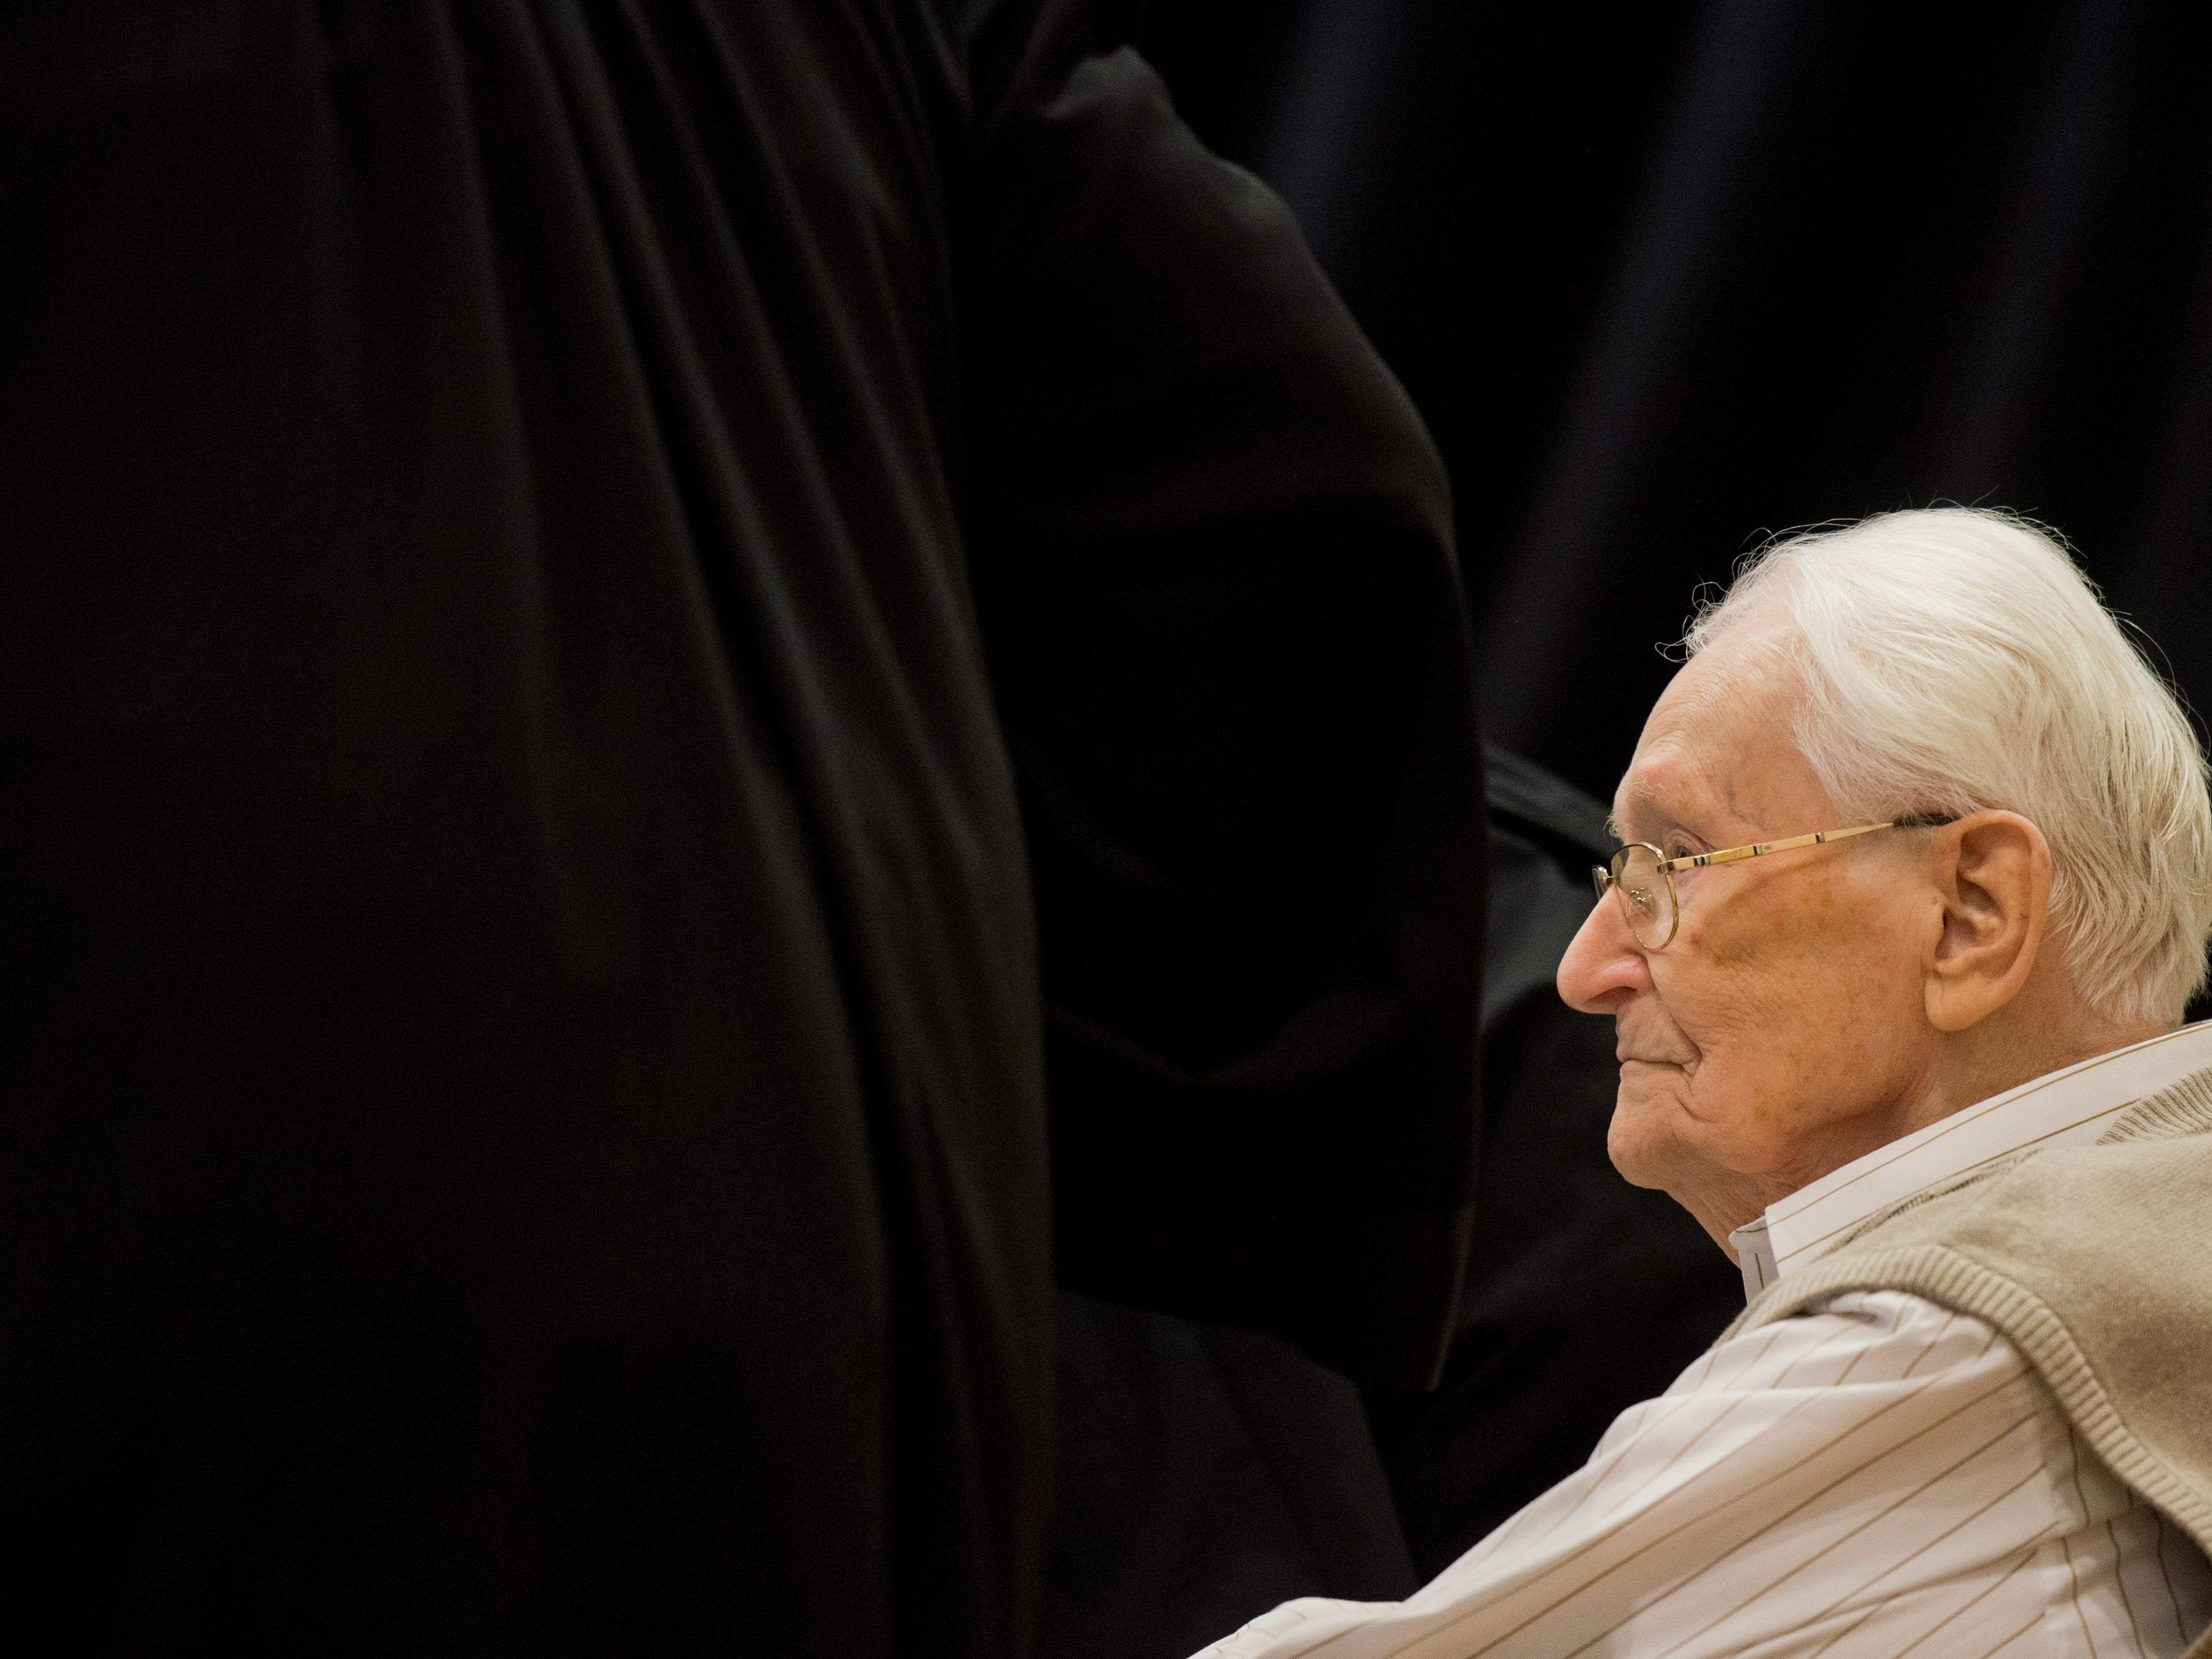 In einem der letzten großen Auschwitz-Prozesse muss sich Oskar Gröning vor Gericht verantworten.